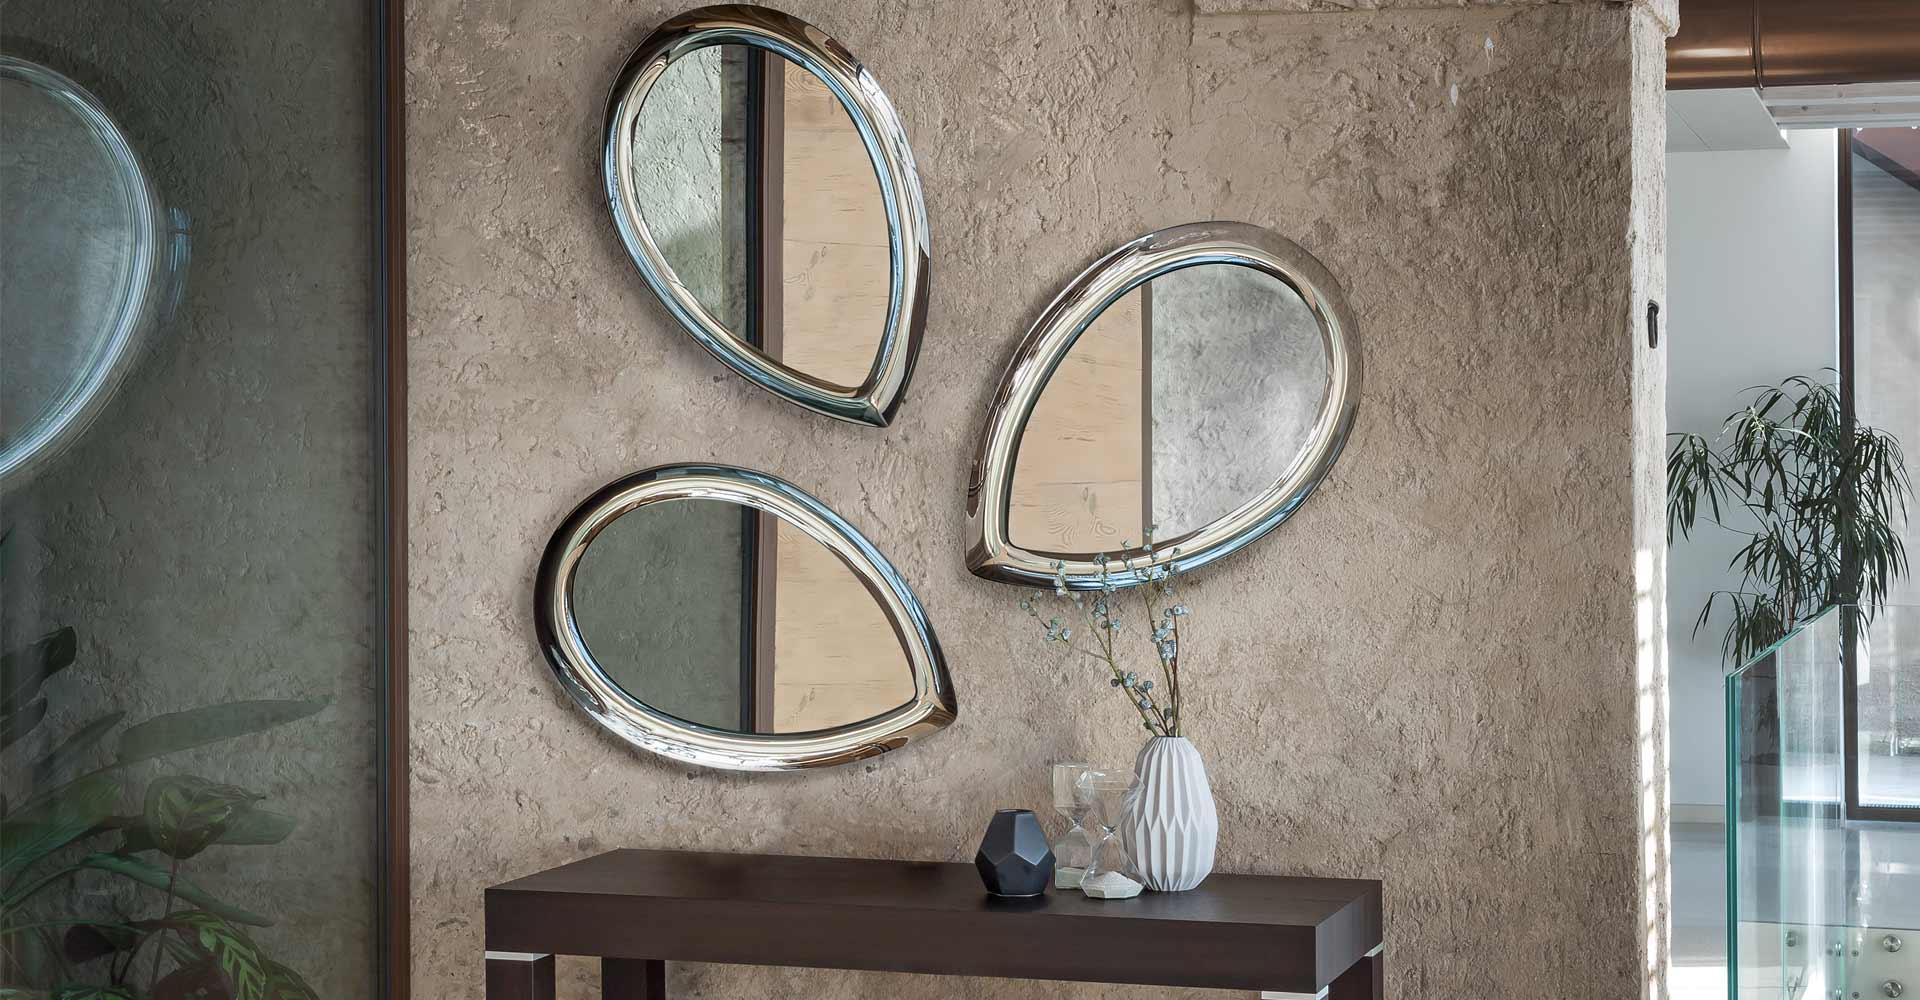 Petalo specchio riflessi - Specchio diamond riflessi prezzo ...